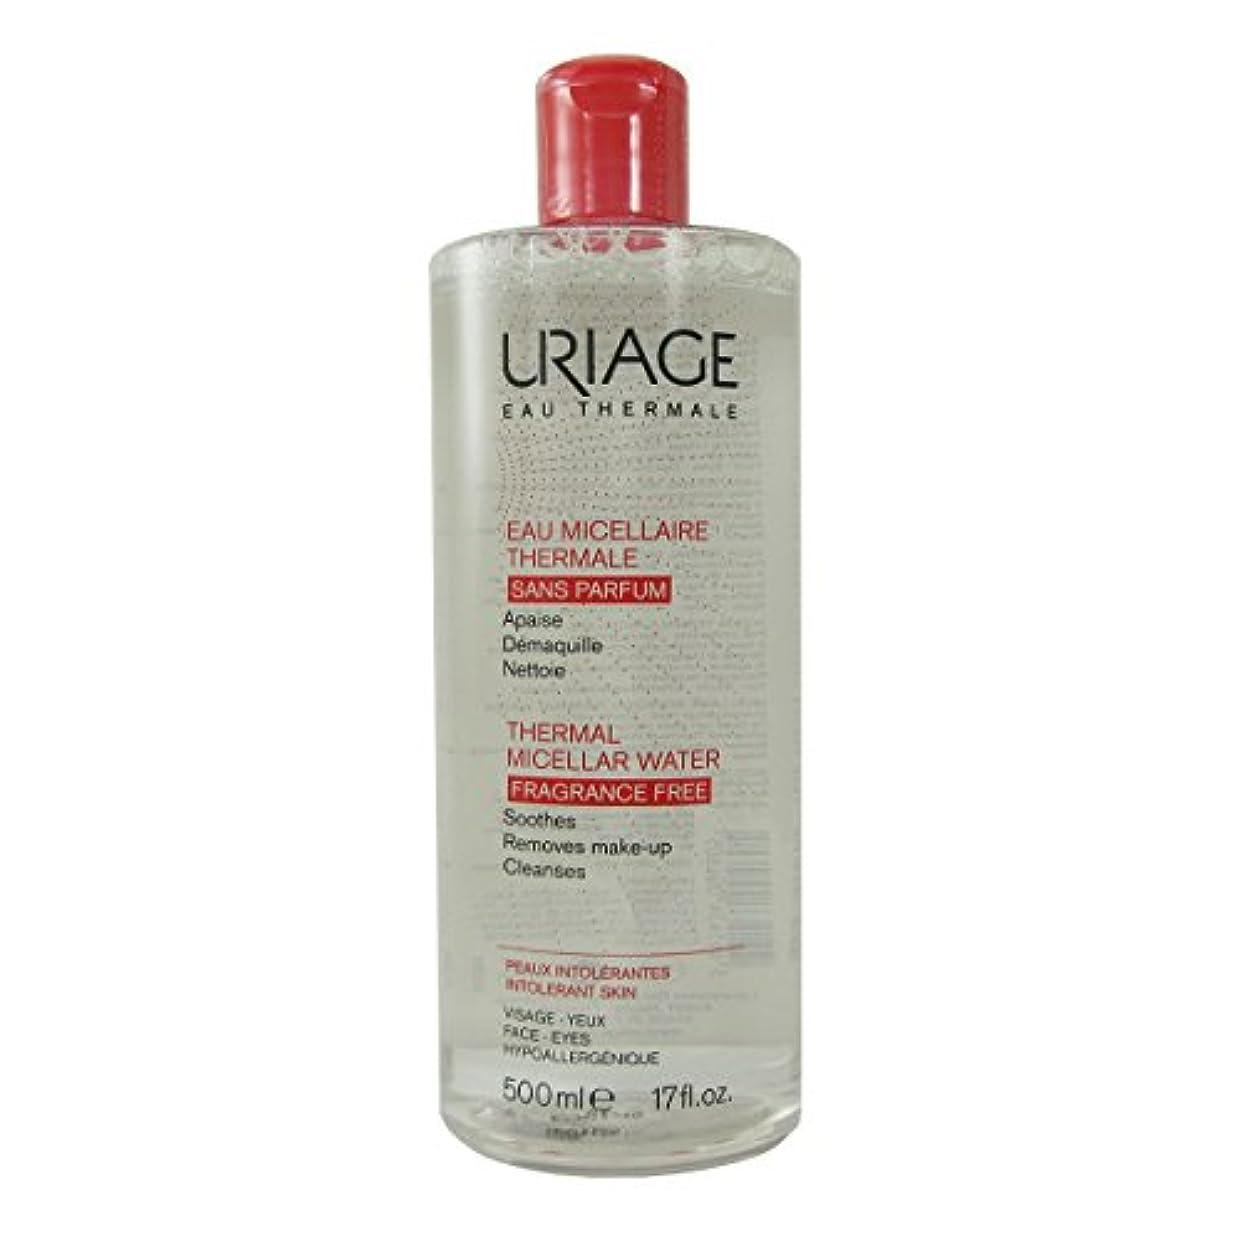 アコー空中原告Uriage Thermal Micellar Water Fragrance Free Intolerant Skin 500ml [並行輸入品]